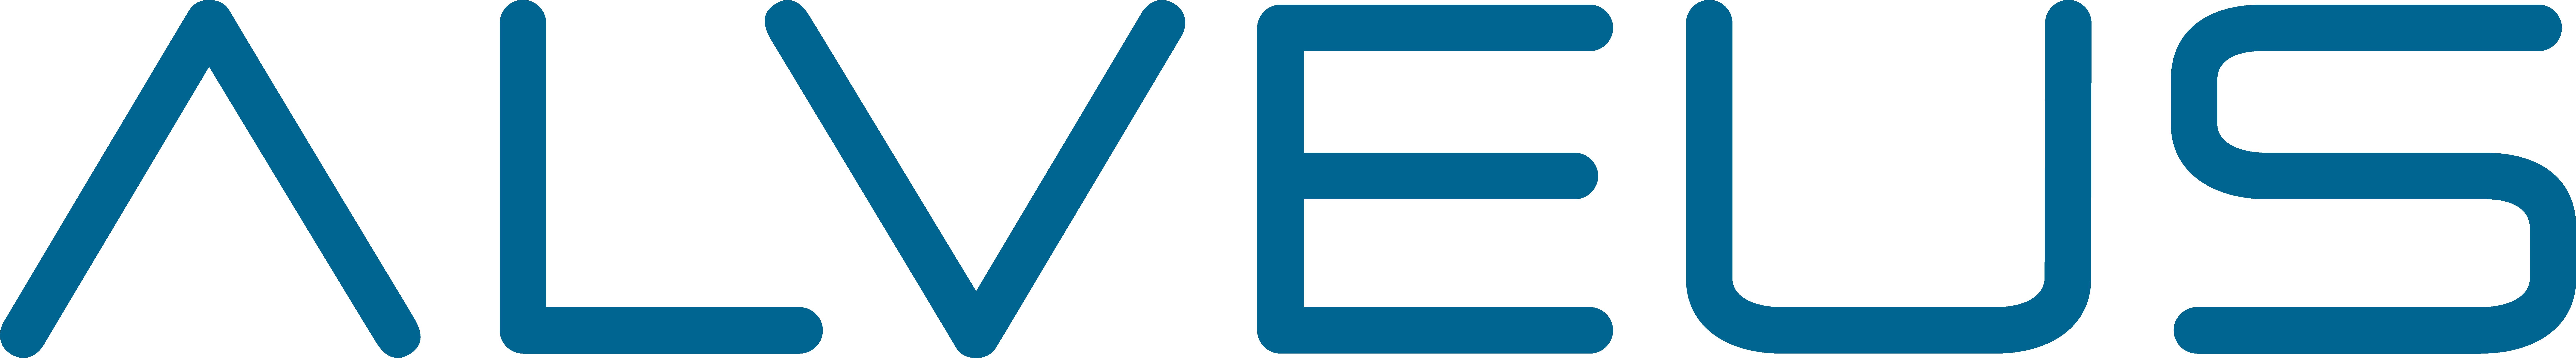 http://foto.alveus.cz/Logo/alveus_logo_n.png